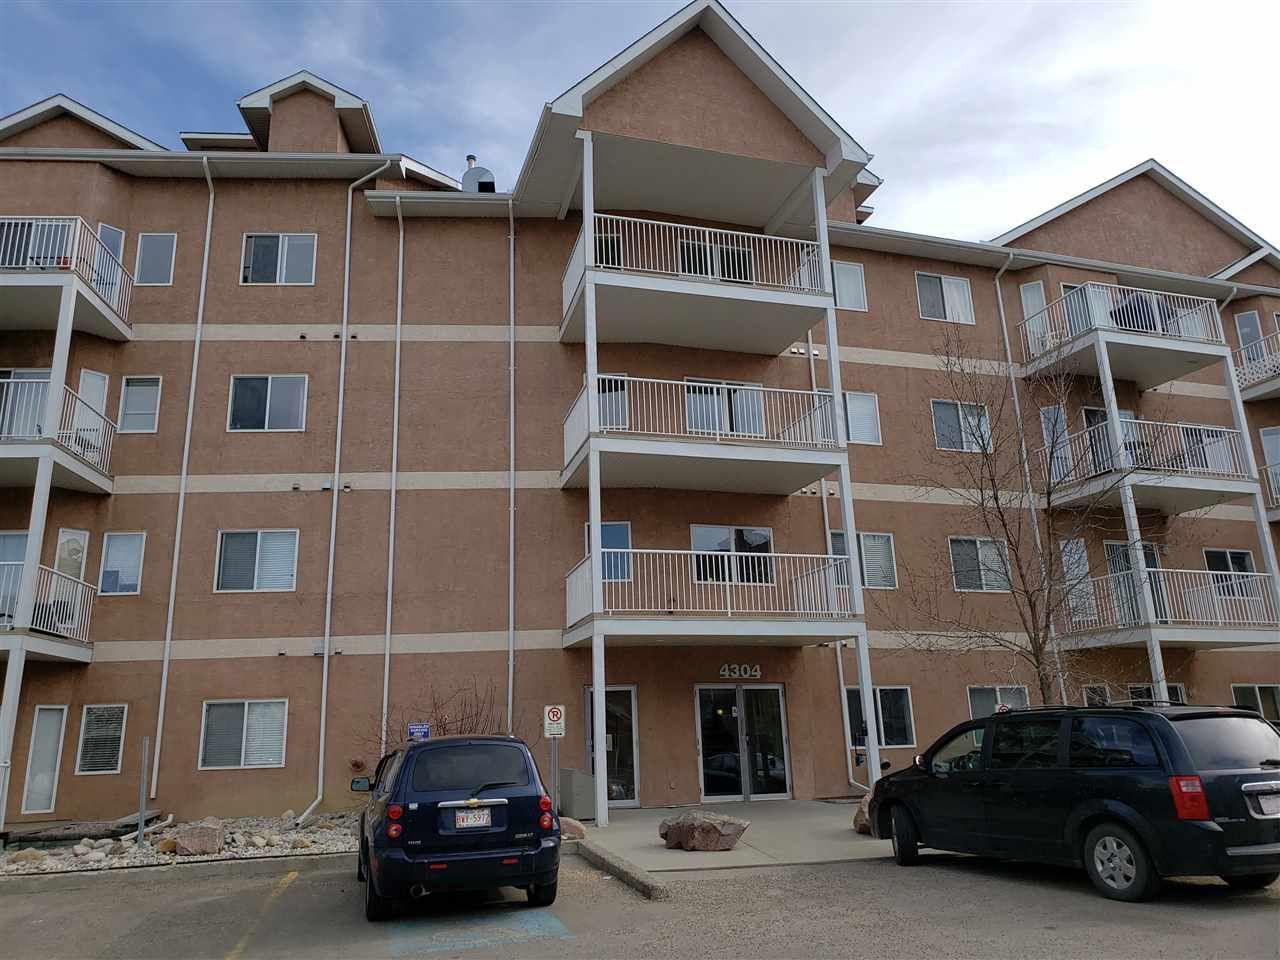 Main Photo: 223 4304 139 Avenue in Edmonton: Zone 35 Condo for sale : MLS®# E4157408